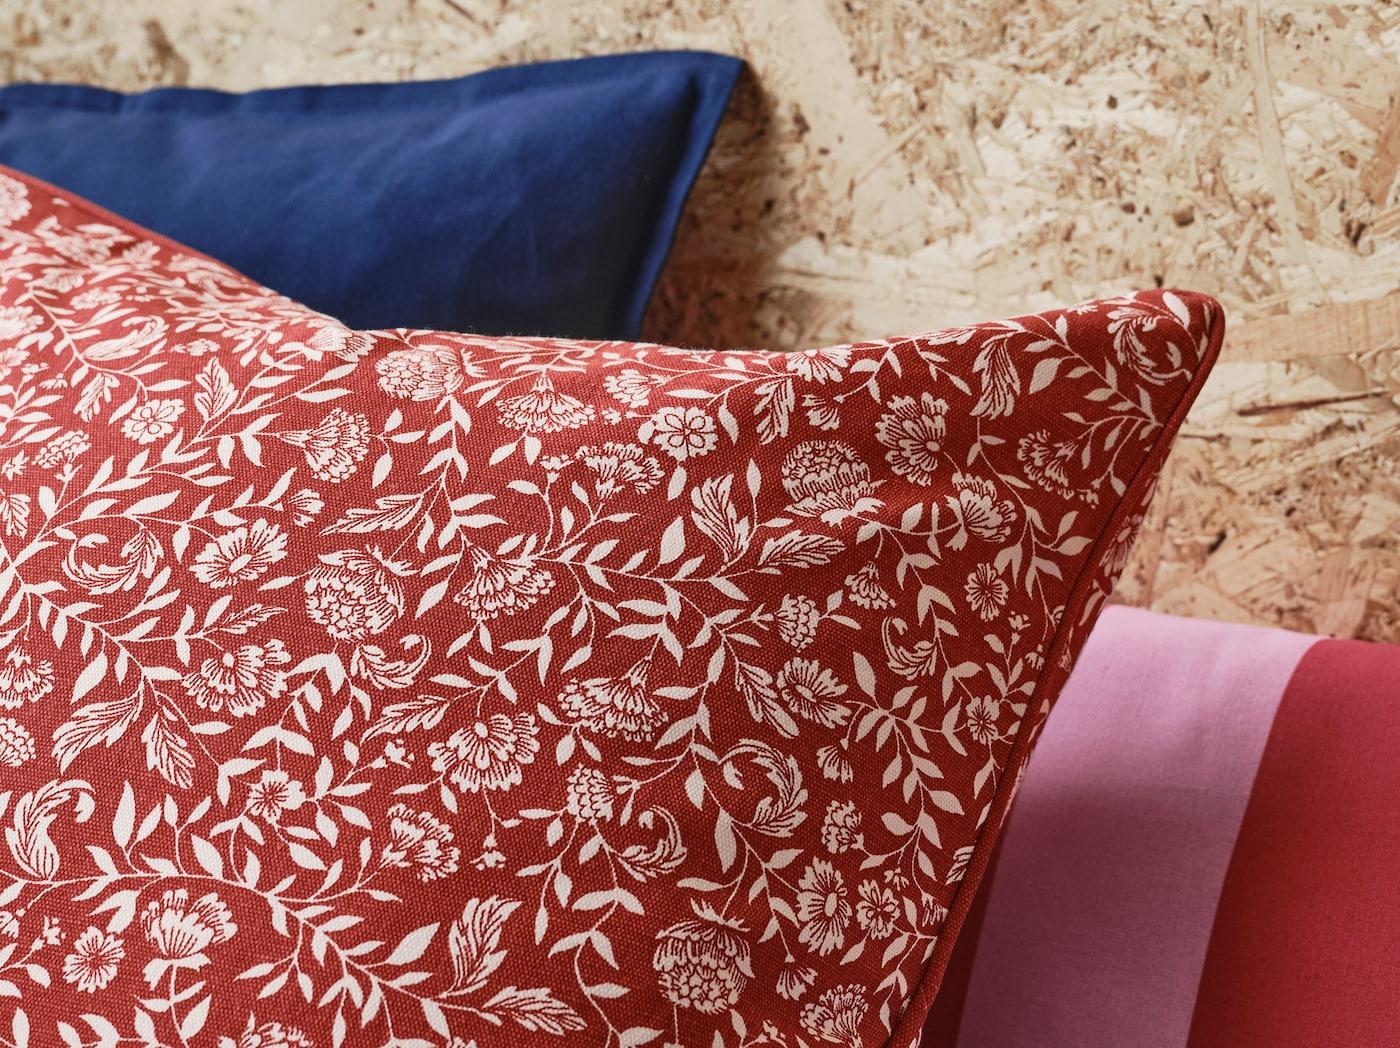 Крупным планом бело-красный чехол ЭВАЛУИЗА для декоративной подушки с цветочным узором в скандинавском стиле.